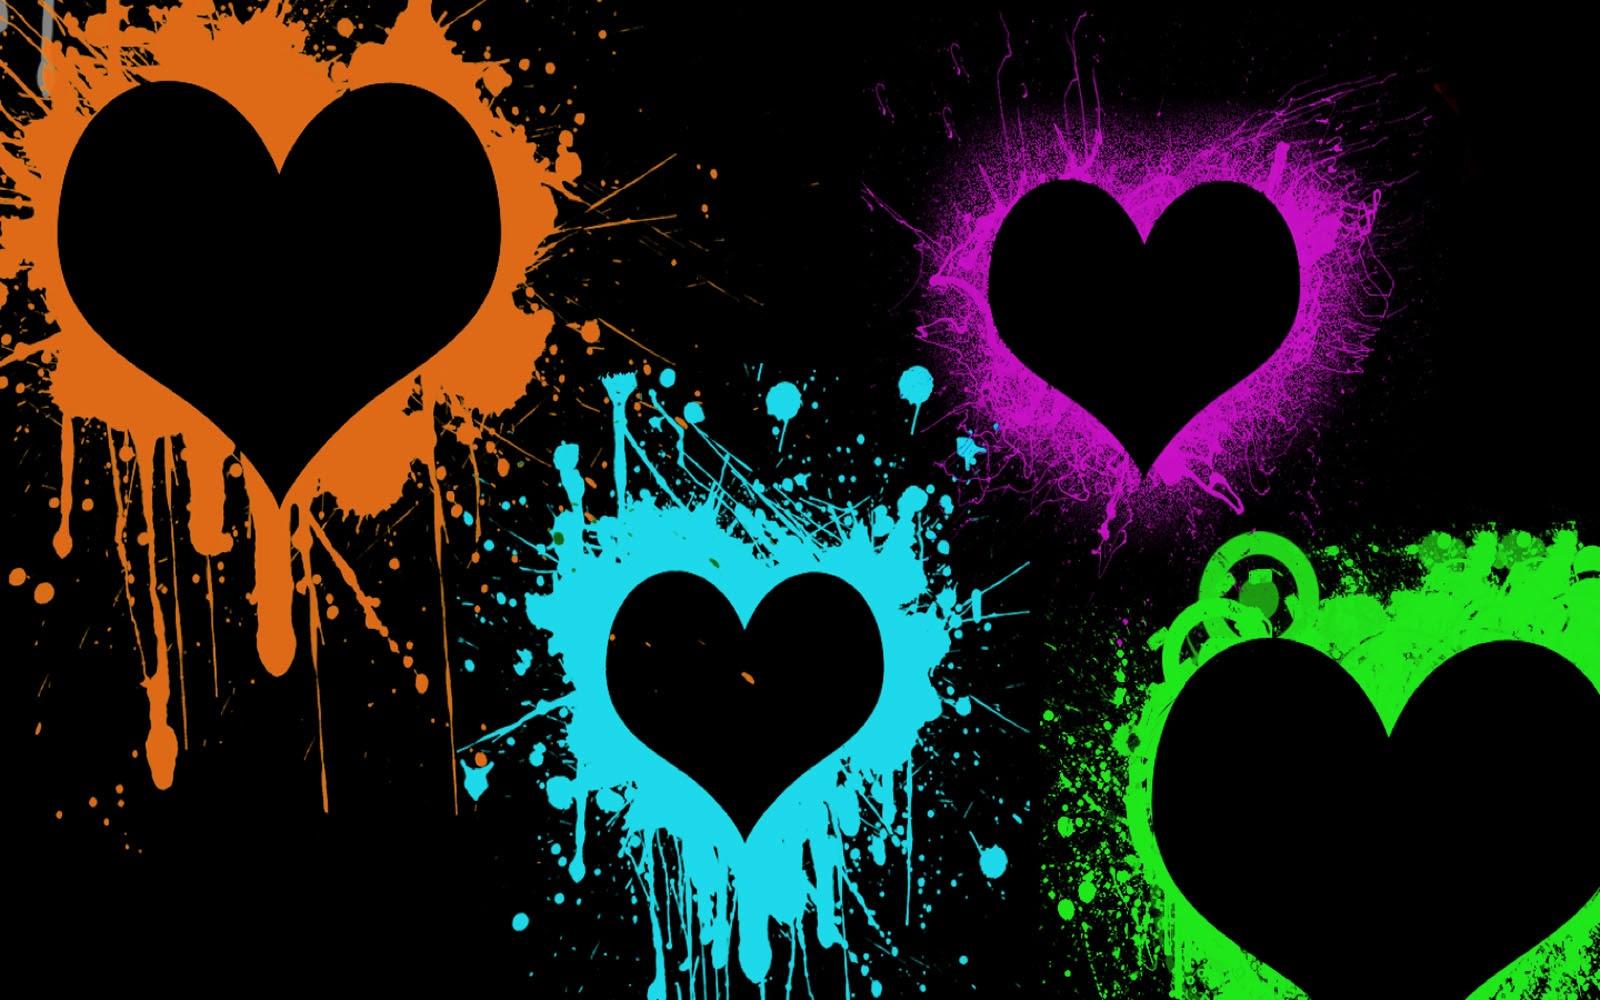 love paint wallpapers - top wallpaper desktop